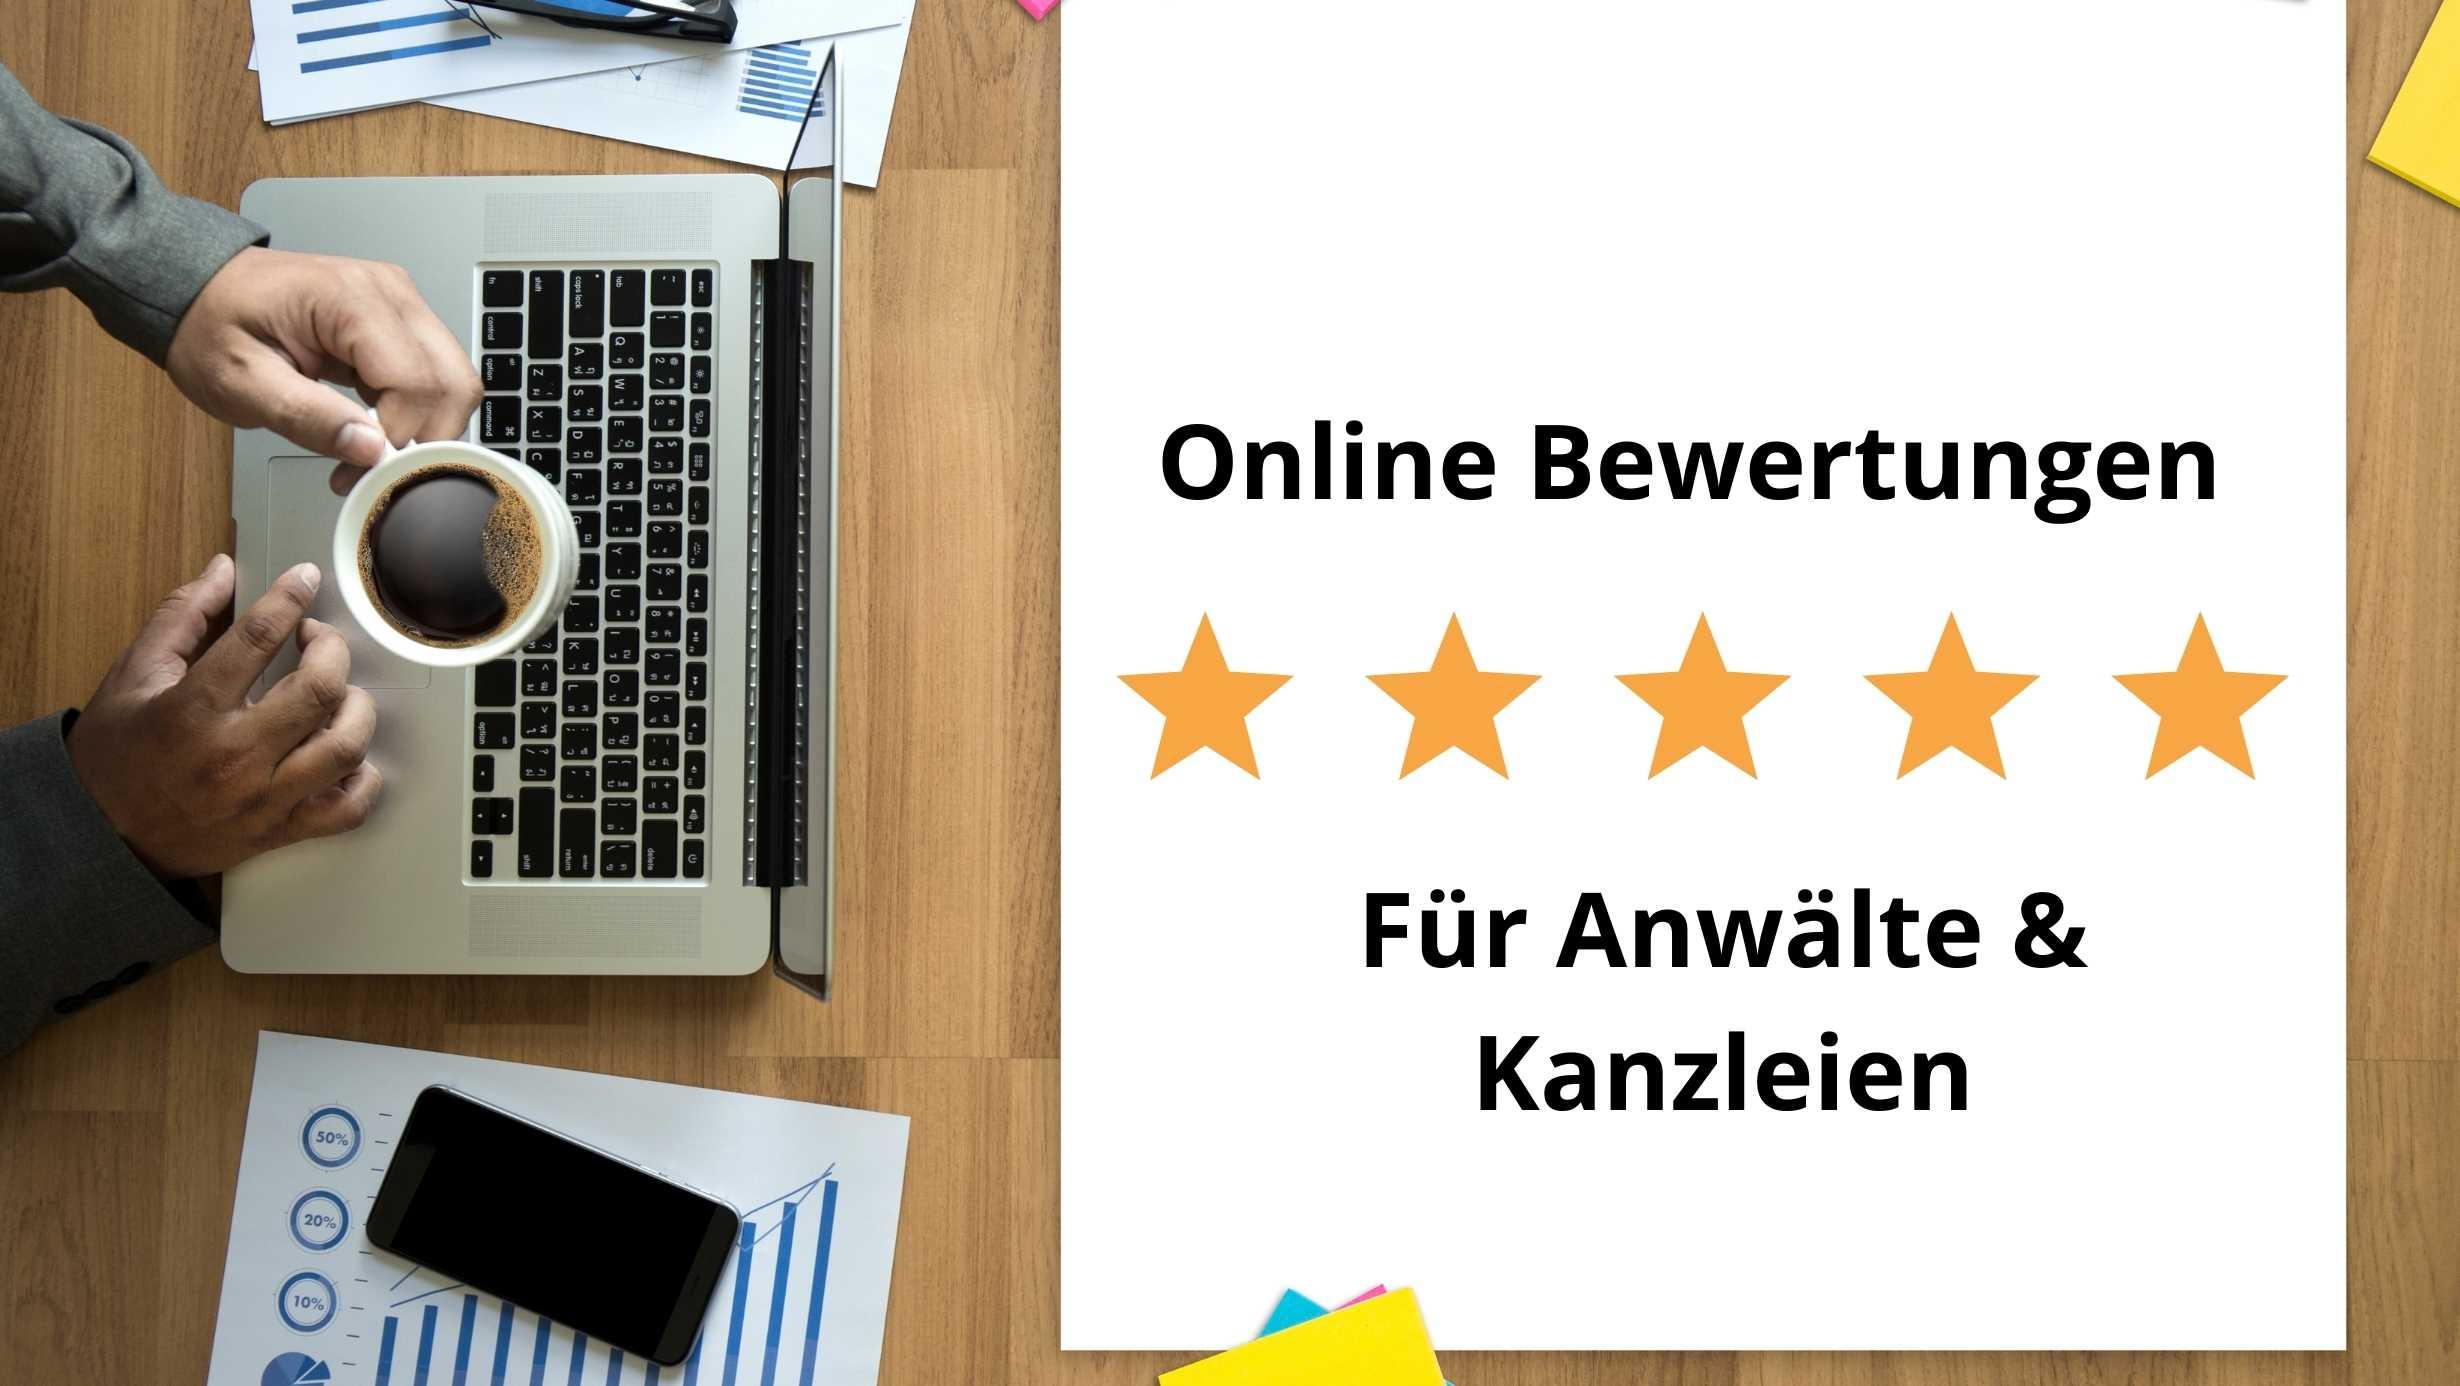 Online Bewertungen fuer Anwaelte